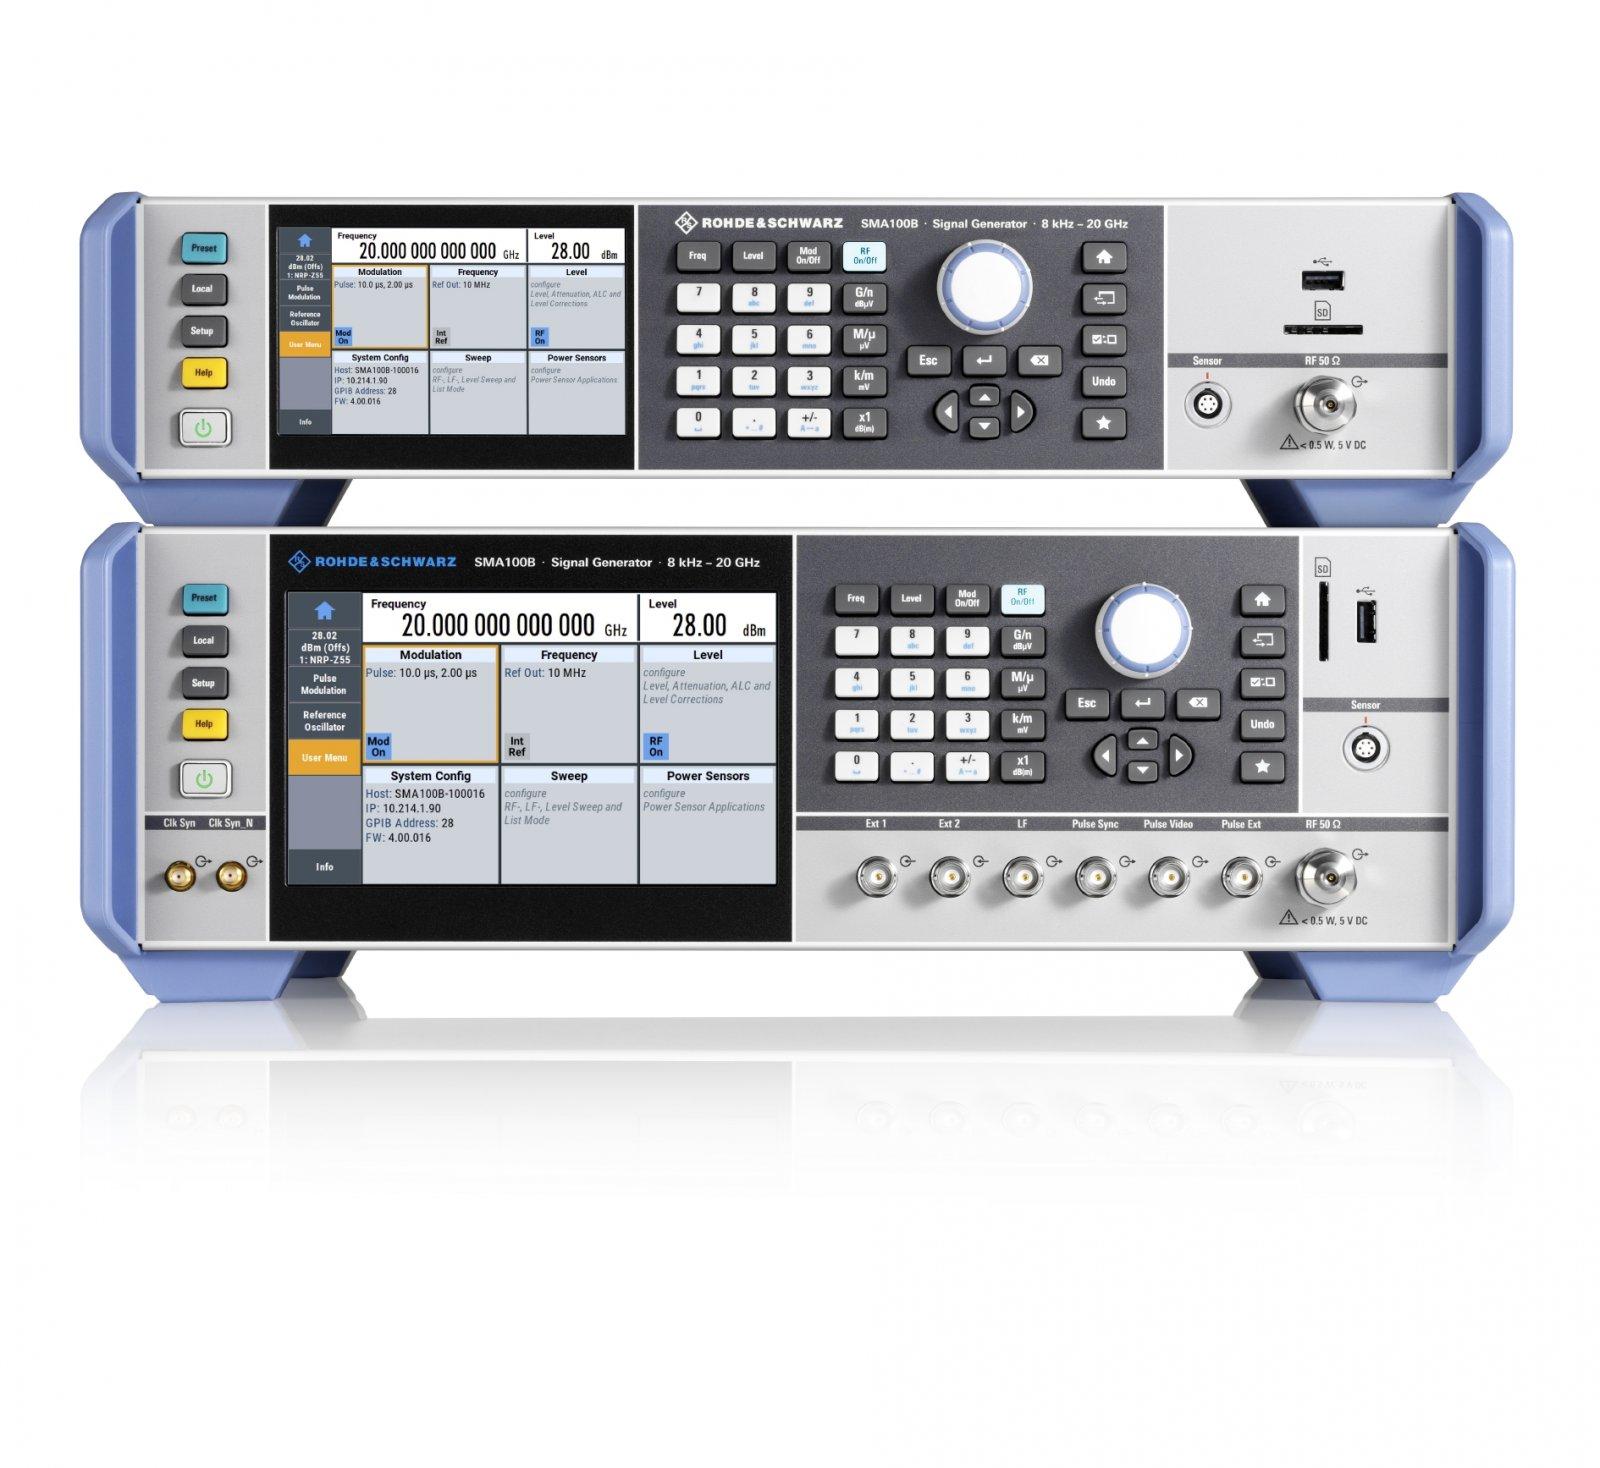 Генератор аналоговых ВЧ-и СВЧ-сигналов с лучшими характеристиками фазового шума и самой большой выходной мощностью